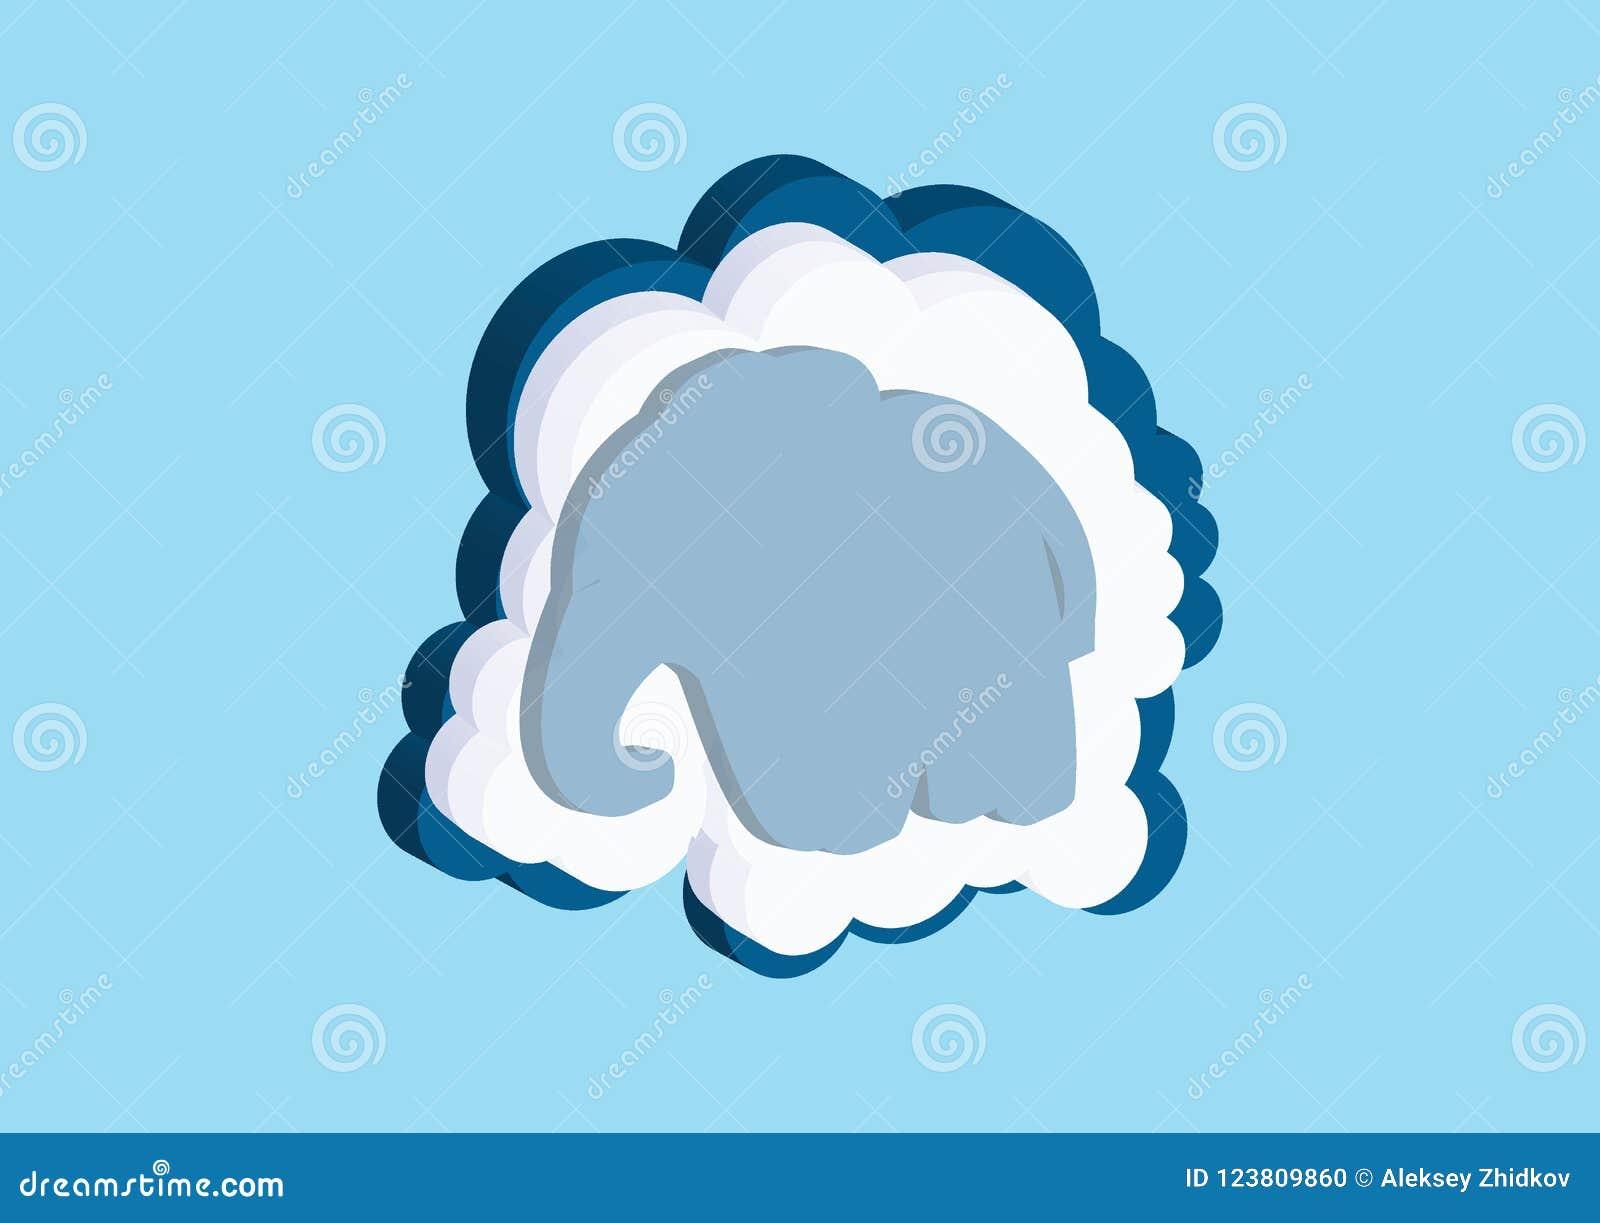 Moln i form av en elefant Vektorsymboler fördunklar blått- och vitfärg på en blå bakgrund Himmel är en tät samling av illus